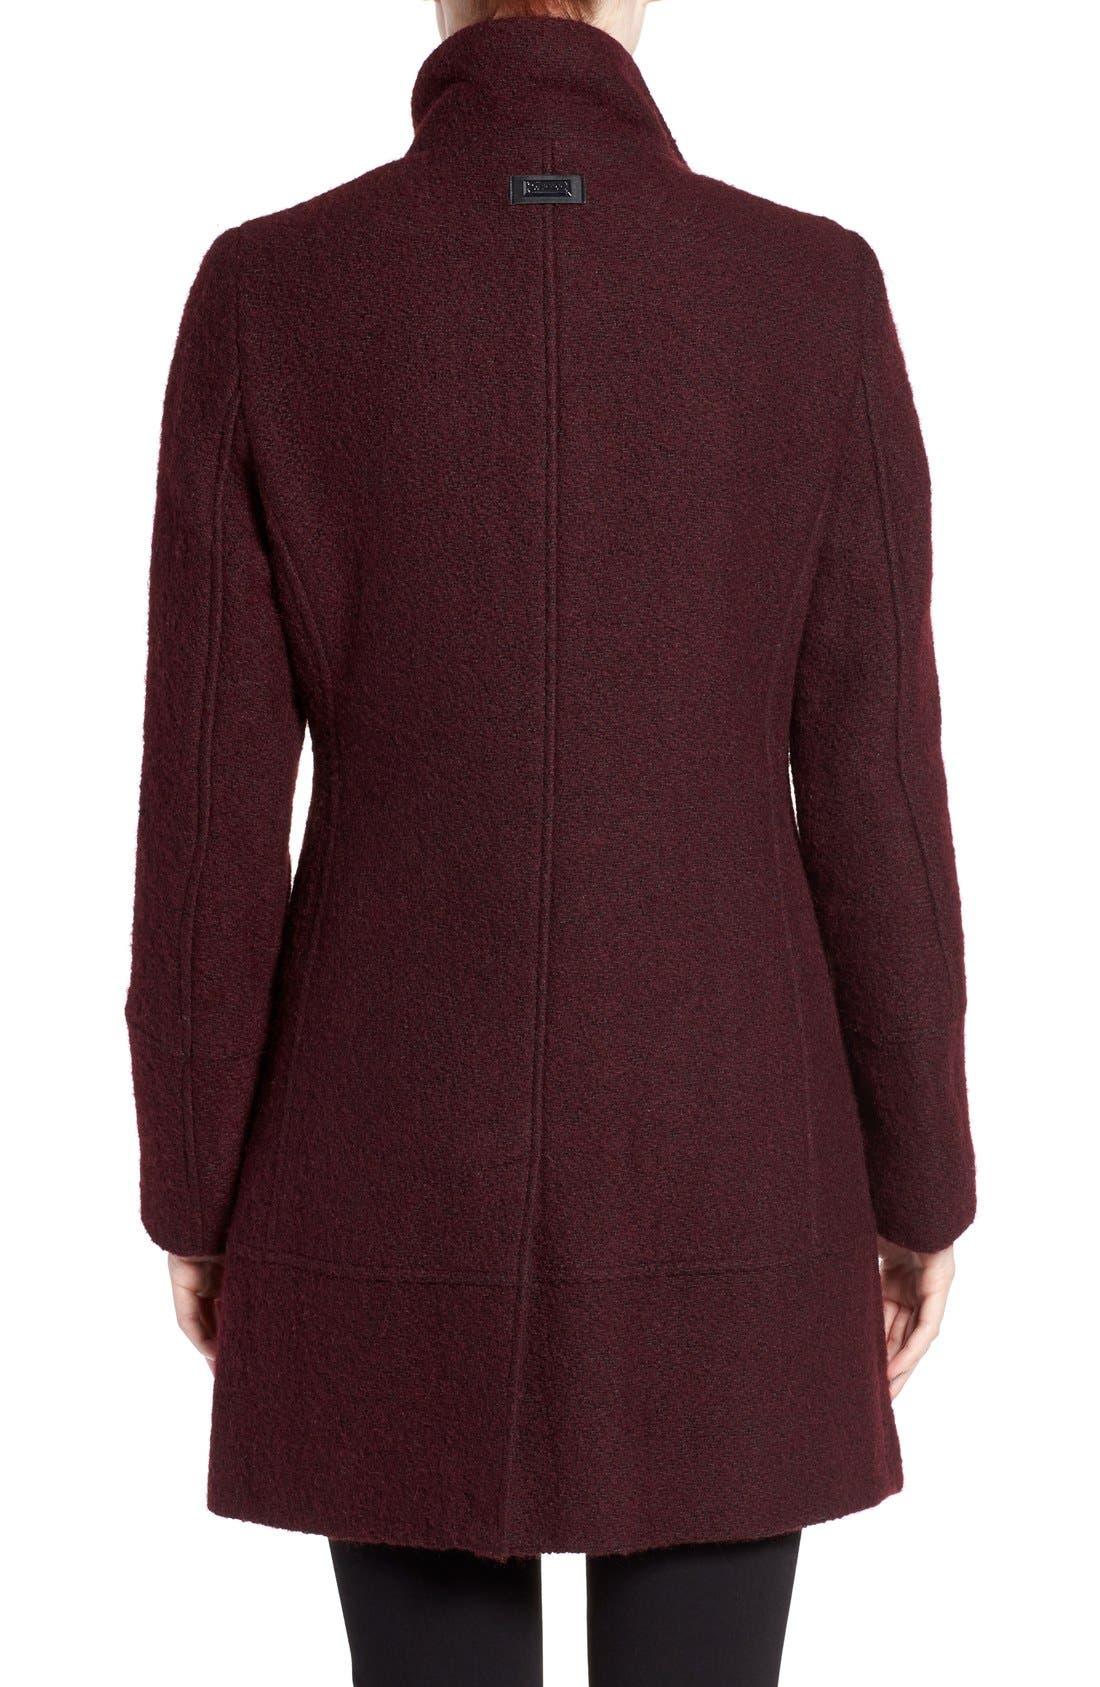 Alternate Image 2  - Calvin Klein Wool Blend Bouclé Walking Jacket (Regular & Petite)